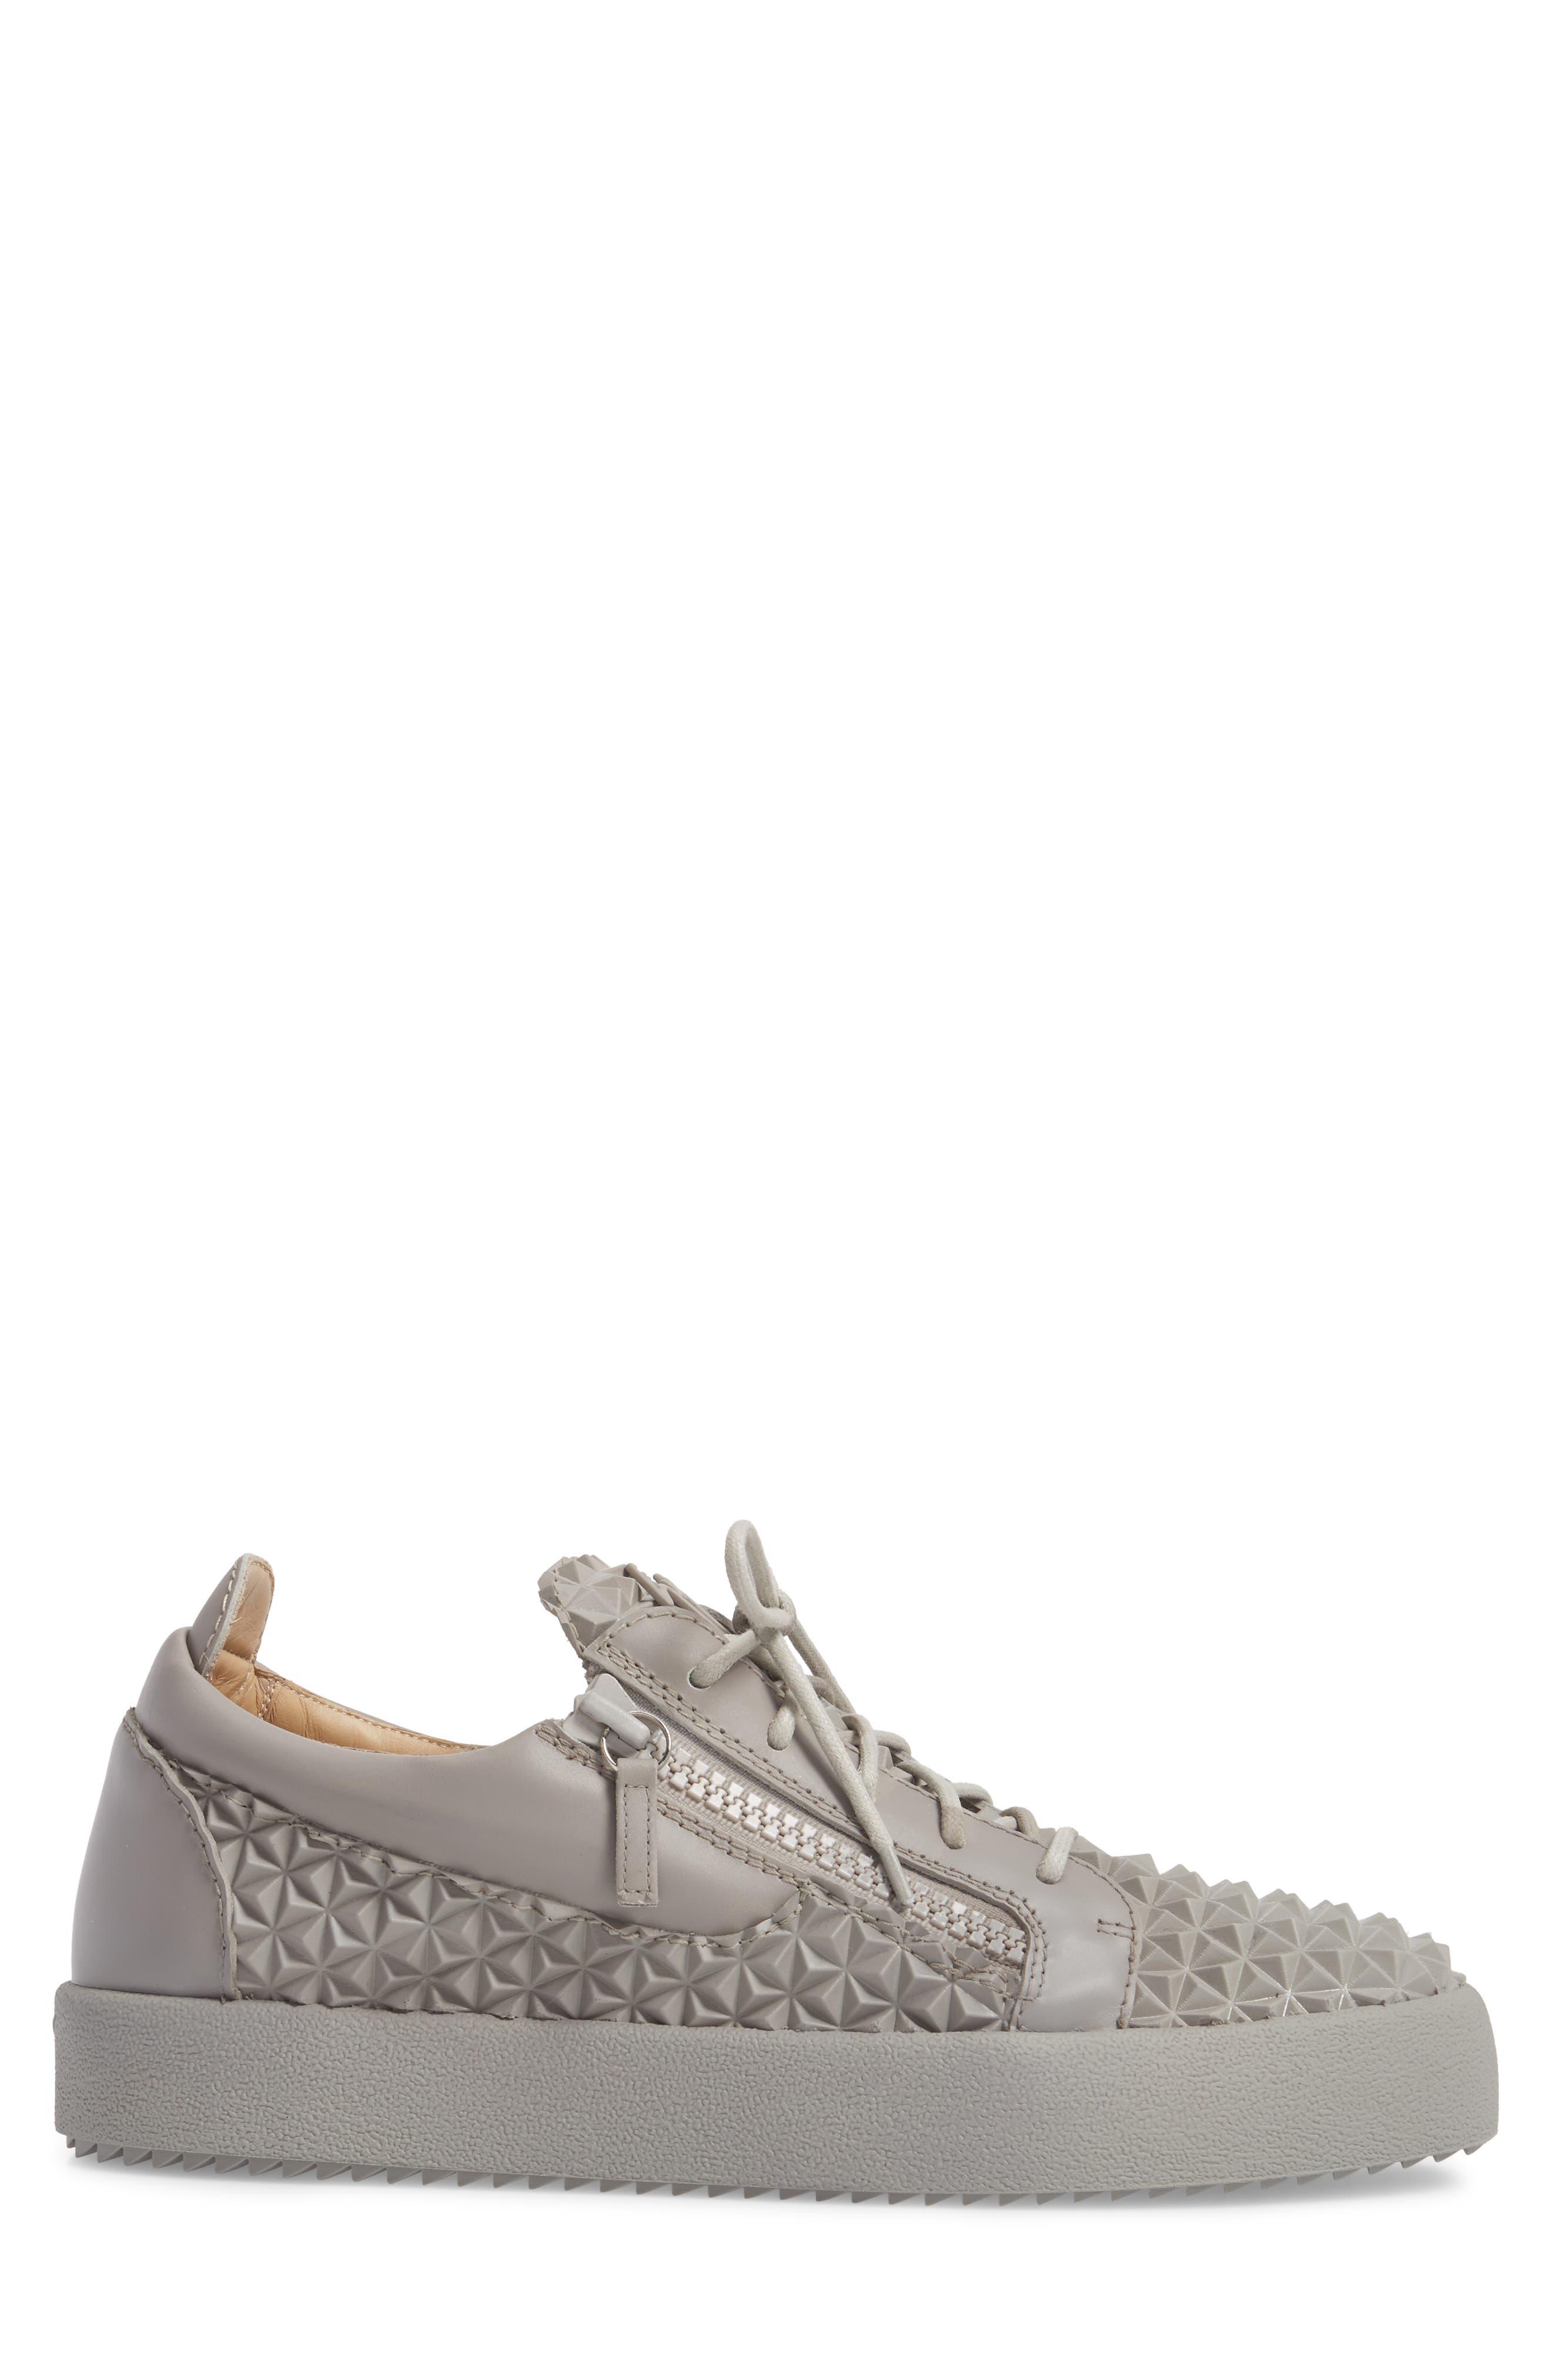 Low Top Sneaker,                             Alternate thumbnail 3, color,                             Grey